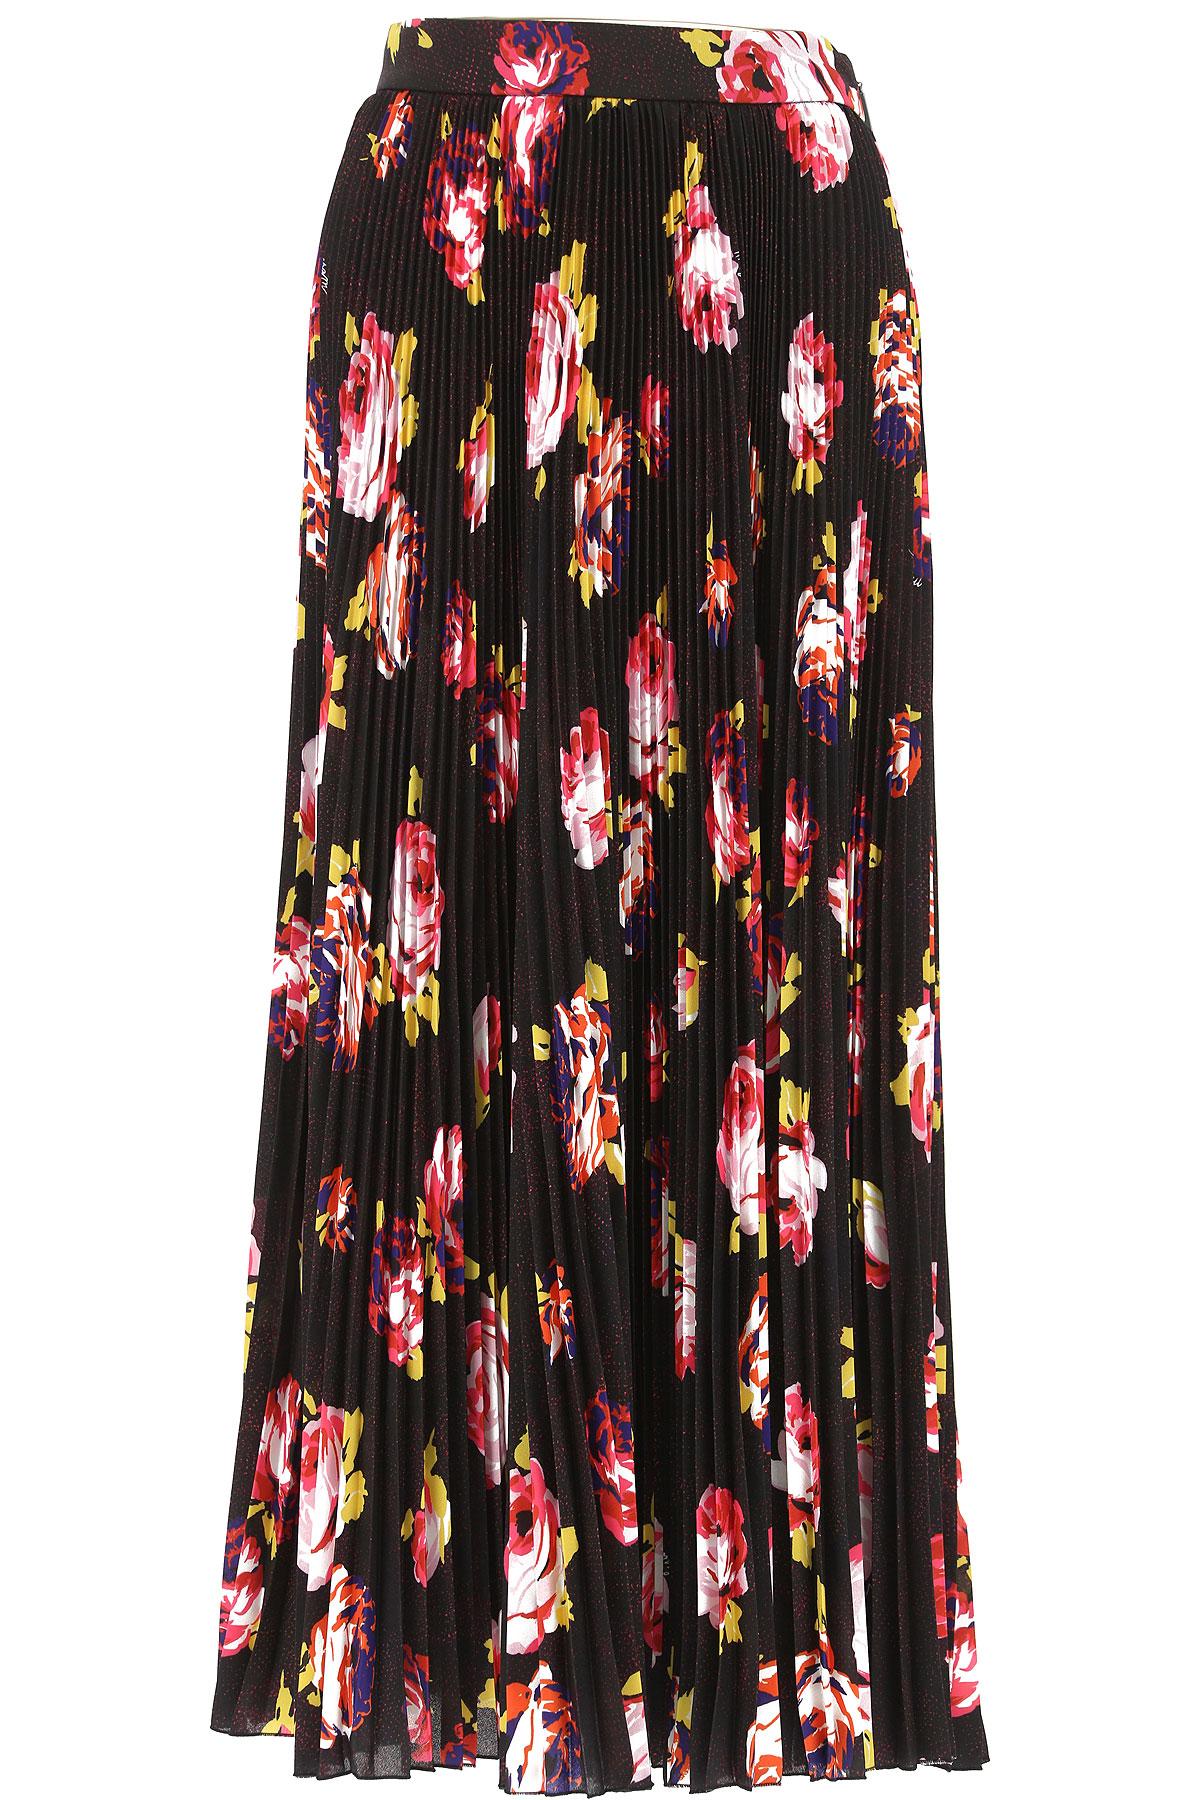 MSGM Skirt for Women, Black, polyestere, 2017, 26 28